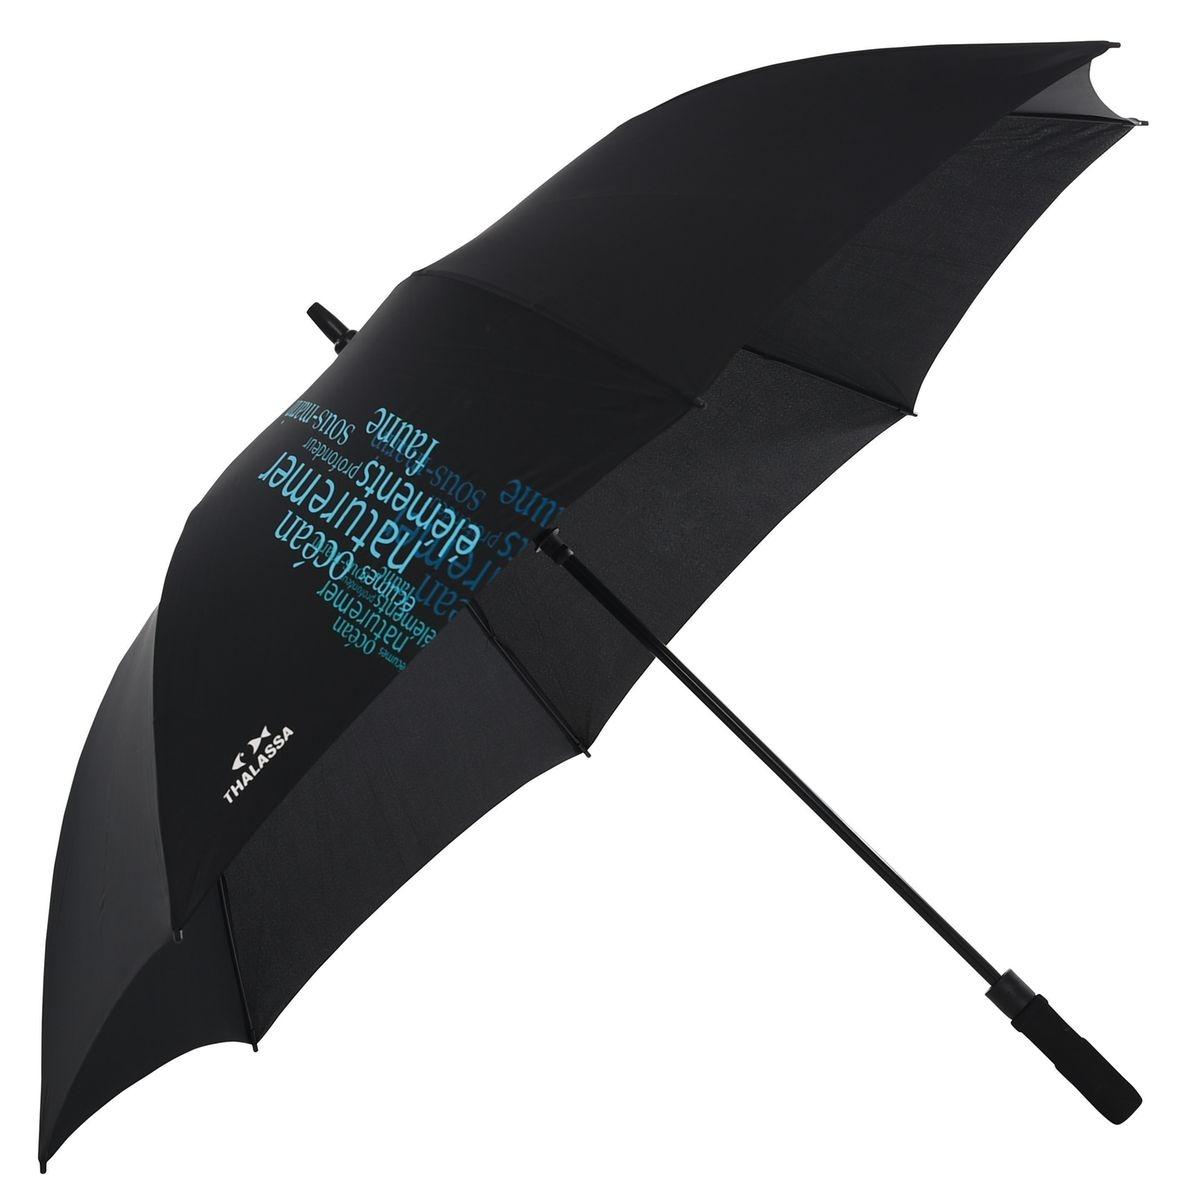 Parapluie Thalassa - Wind proof - Golf automatique